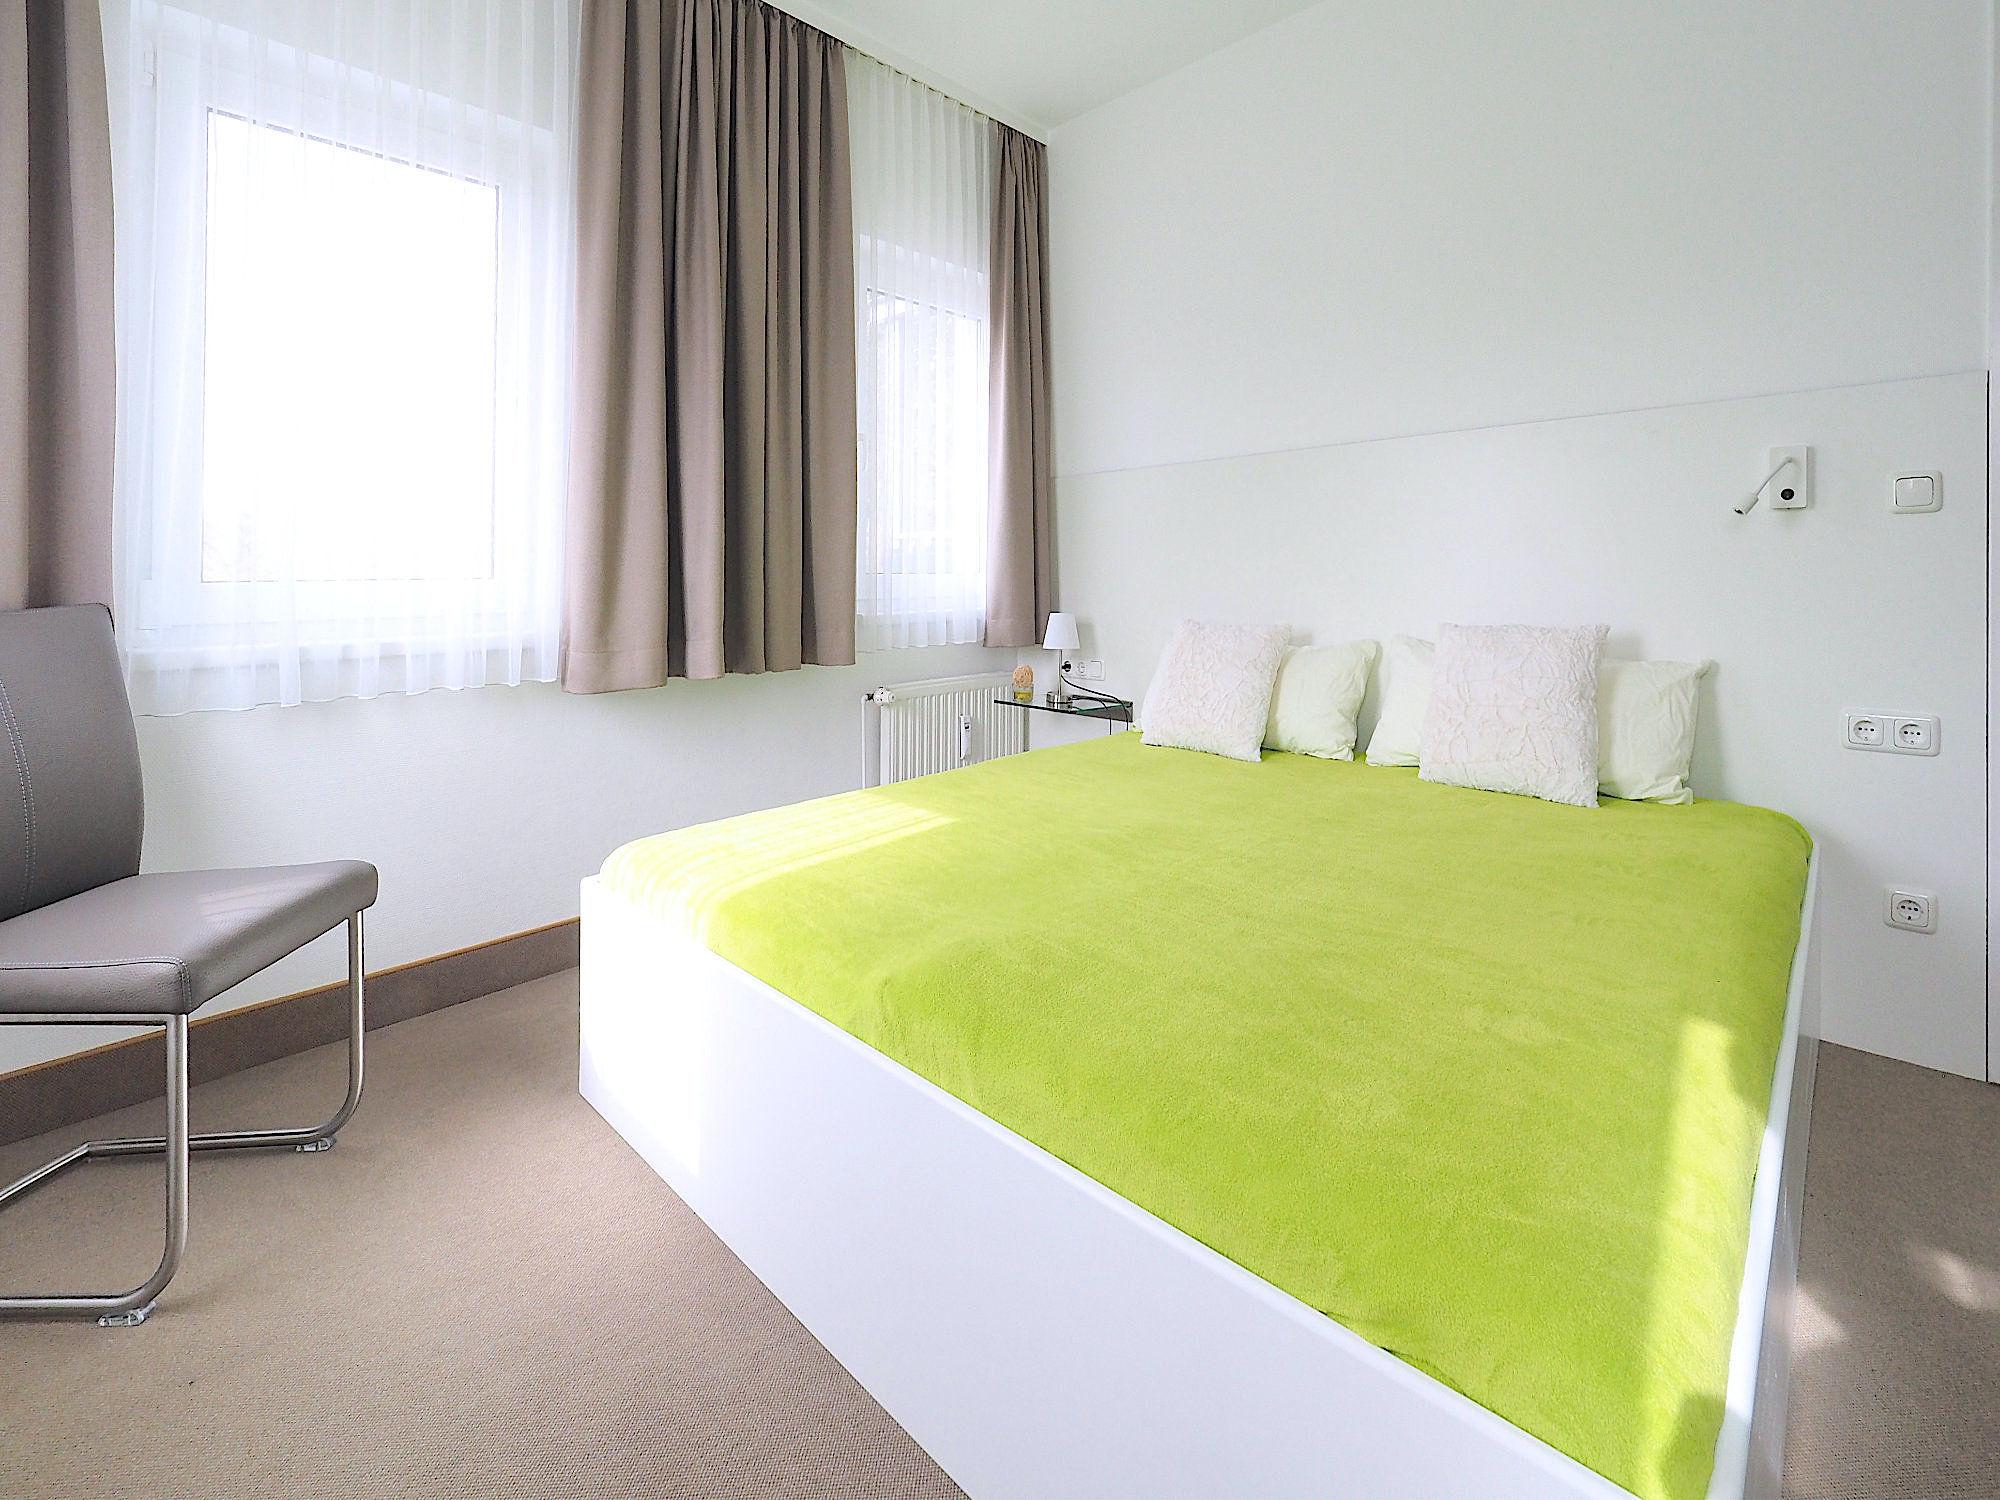 Zweites Schlafzimmer mit Doppelbett, im Hintergrund zwei Fenster